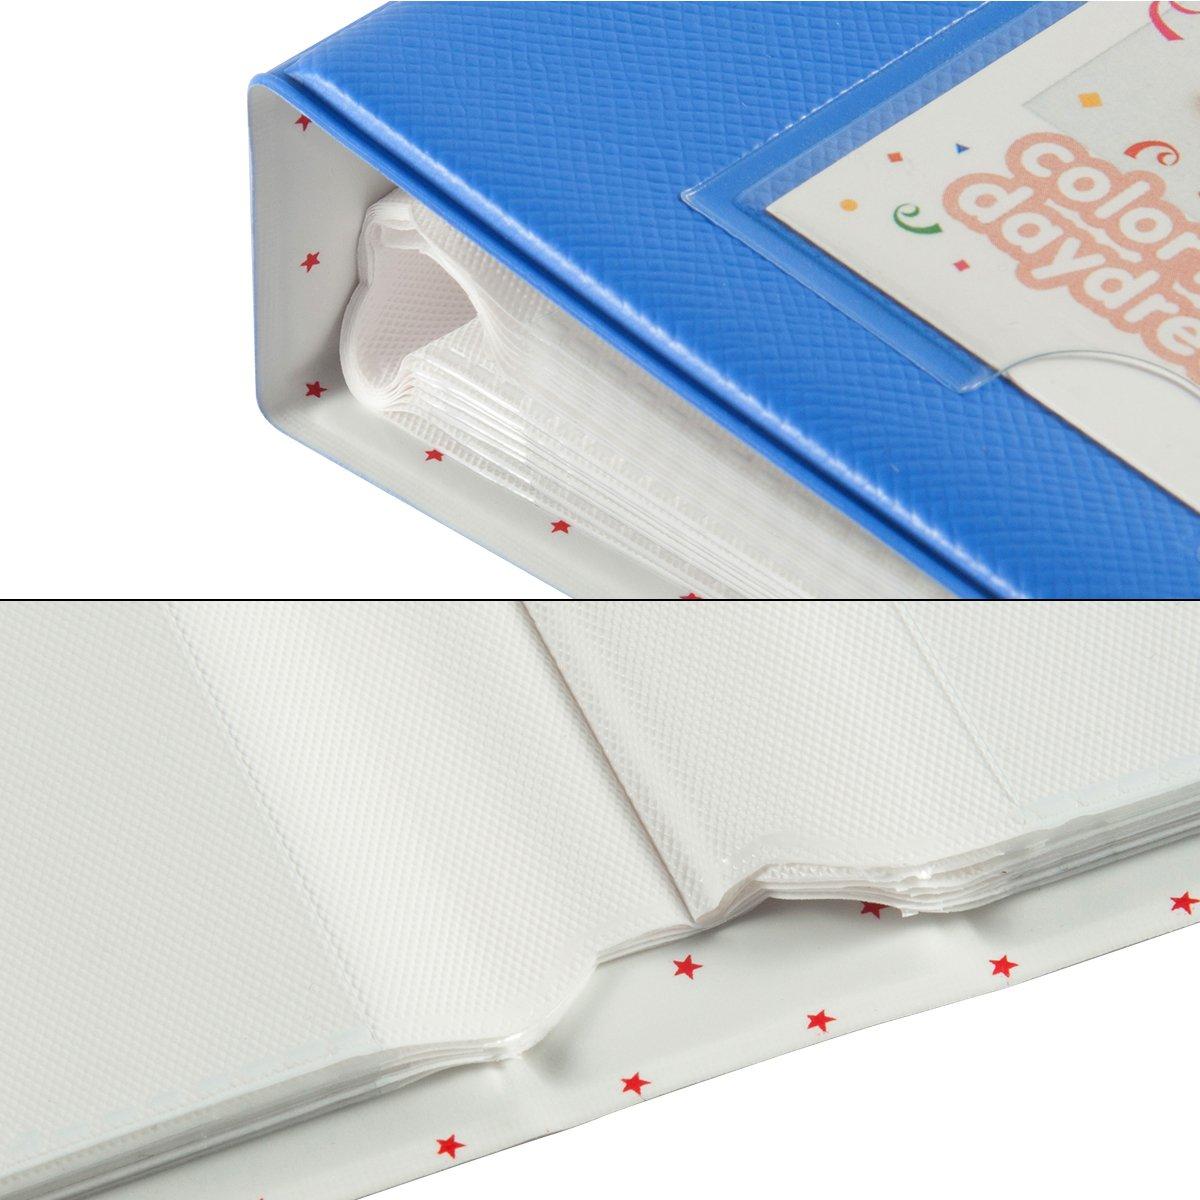 Polaroid PIC-300 Z2300 Film CAIUL Compatible 128 Pockets Mini Photo Album for Fujifilm Instax Mini 7s 8 8 9 25 26 50s 70 90 Film Ice Blue